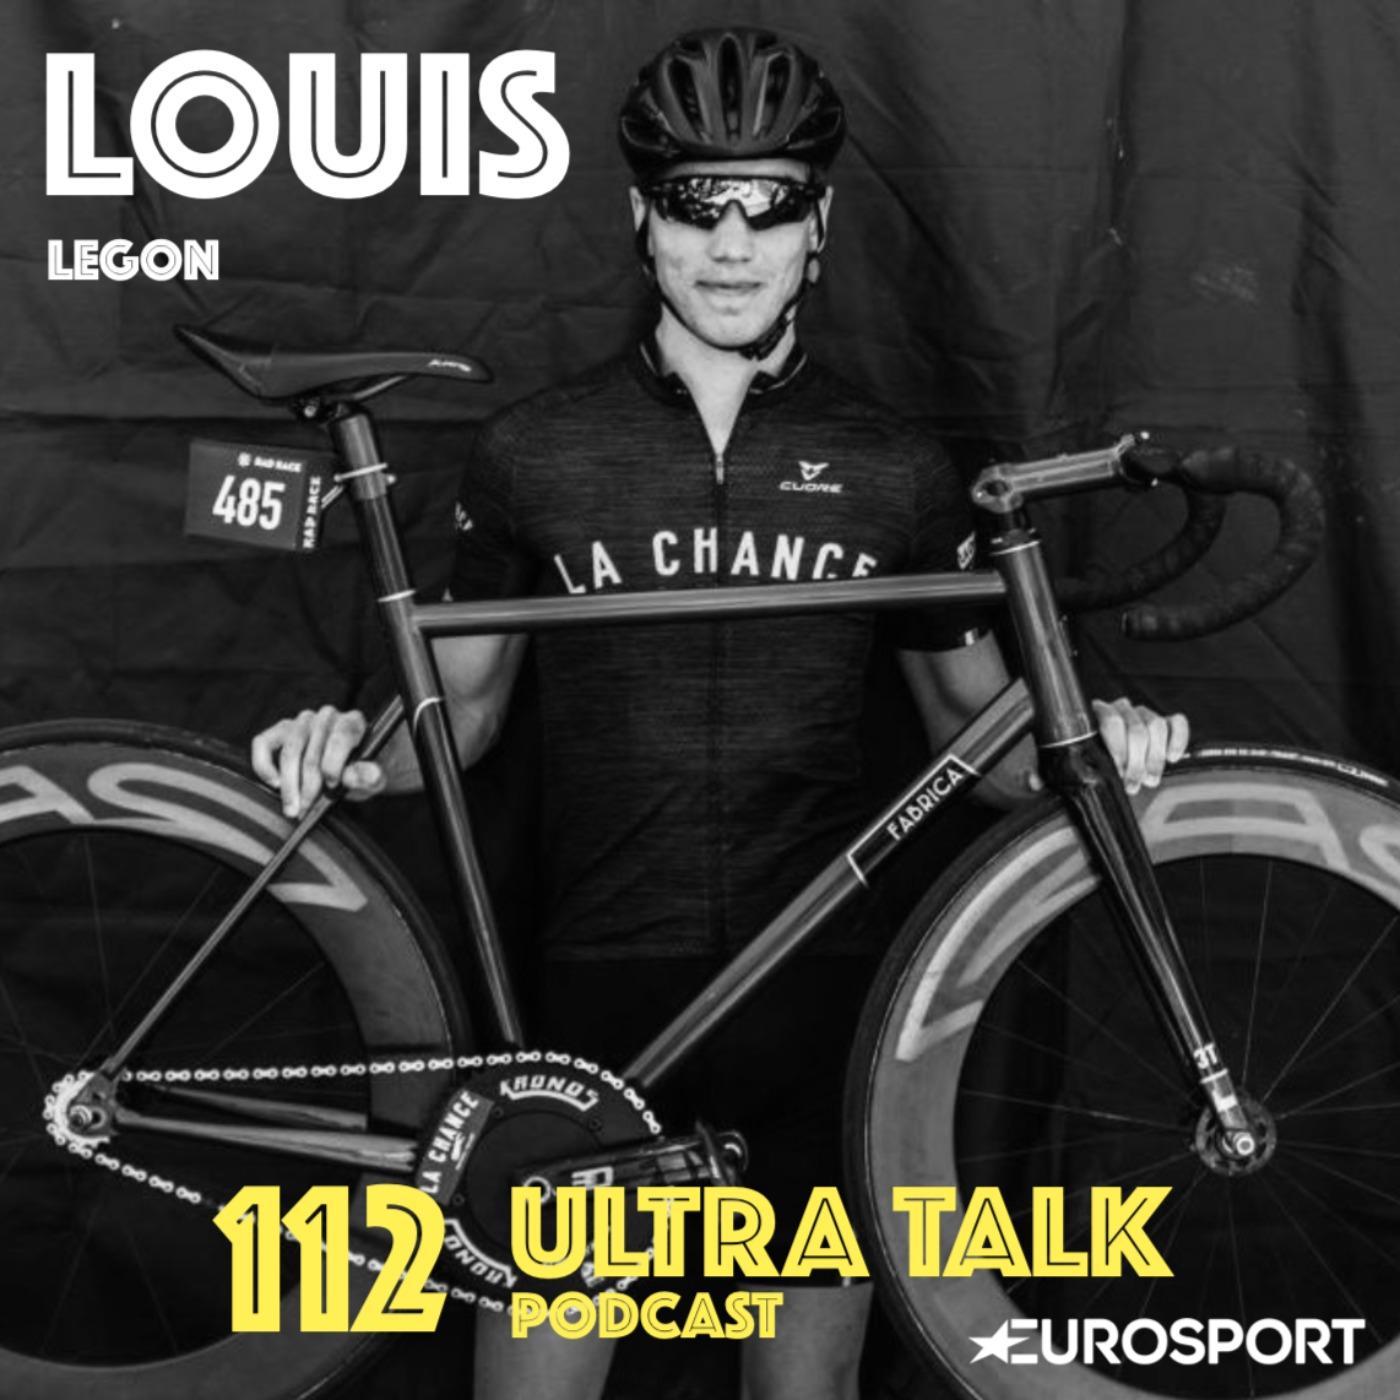 Louis Legon - 10 jours de coma, 30 fractures !